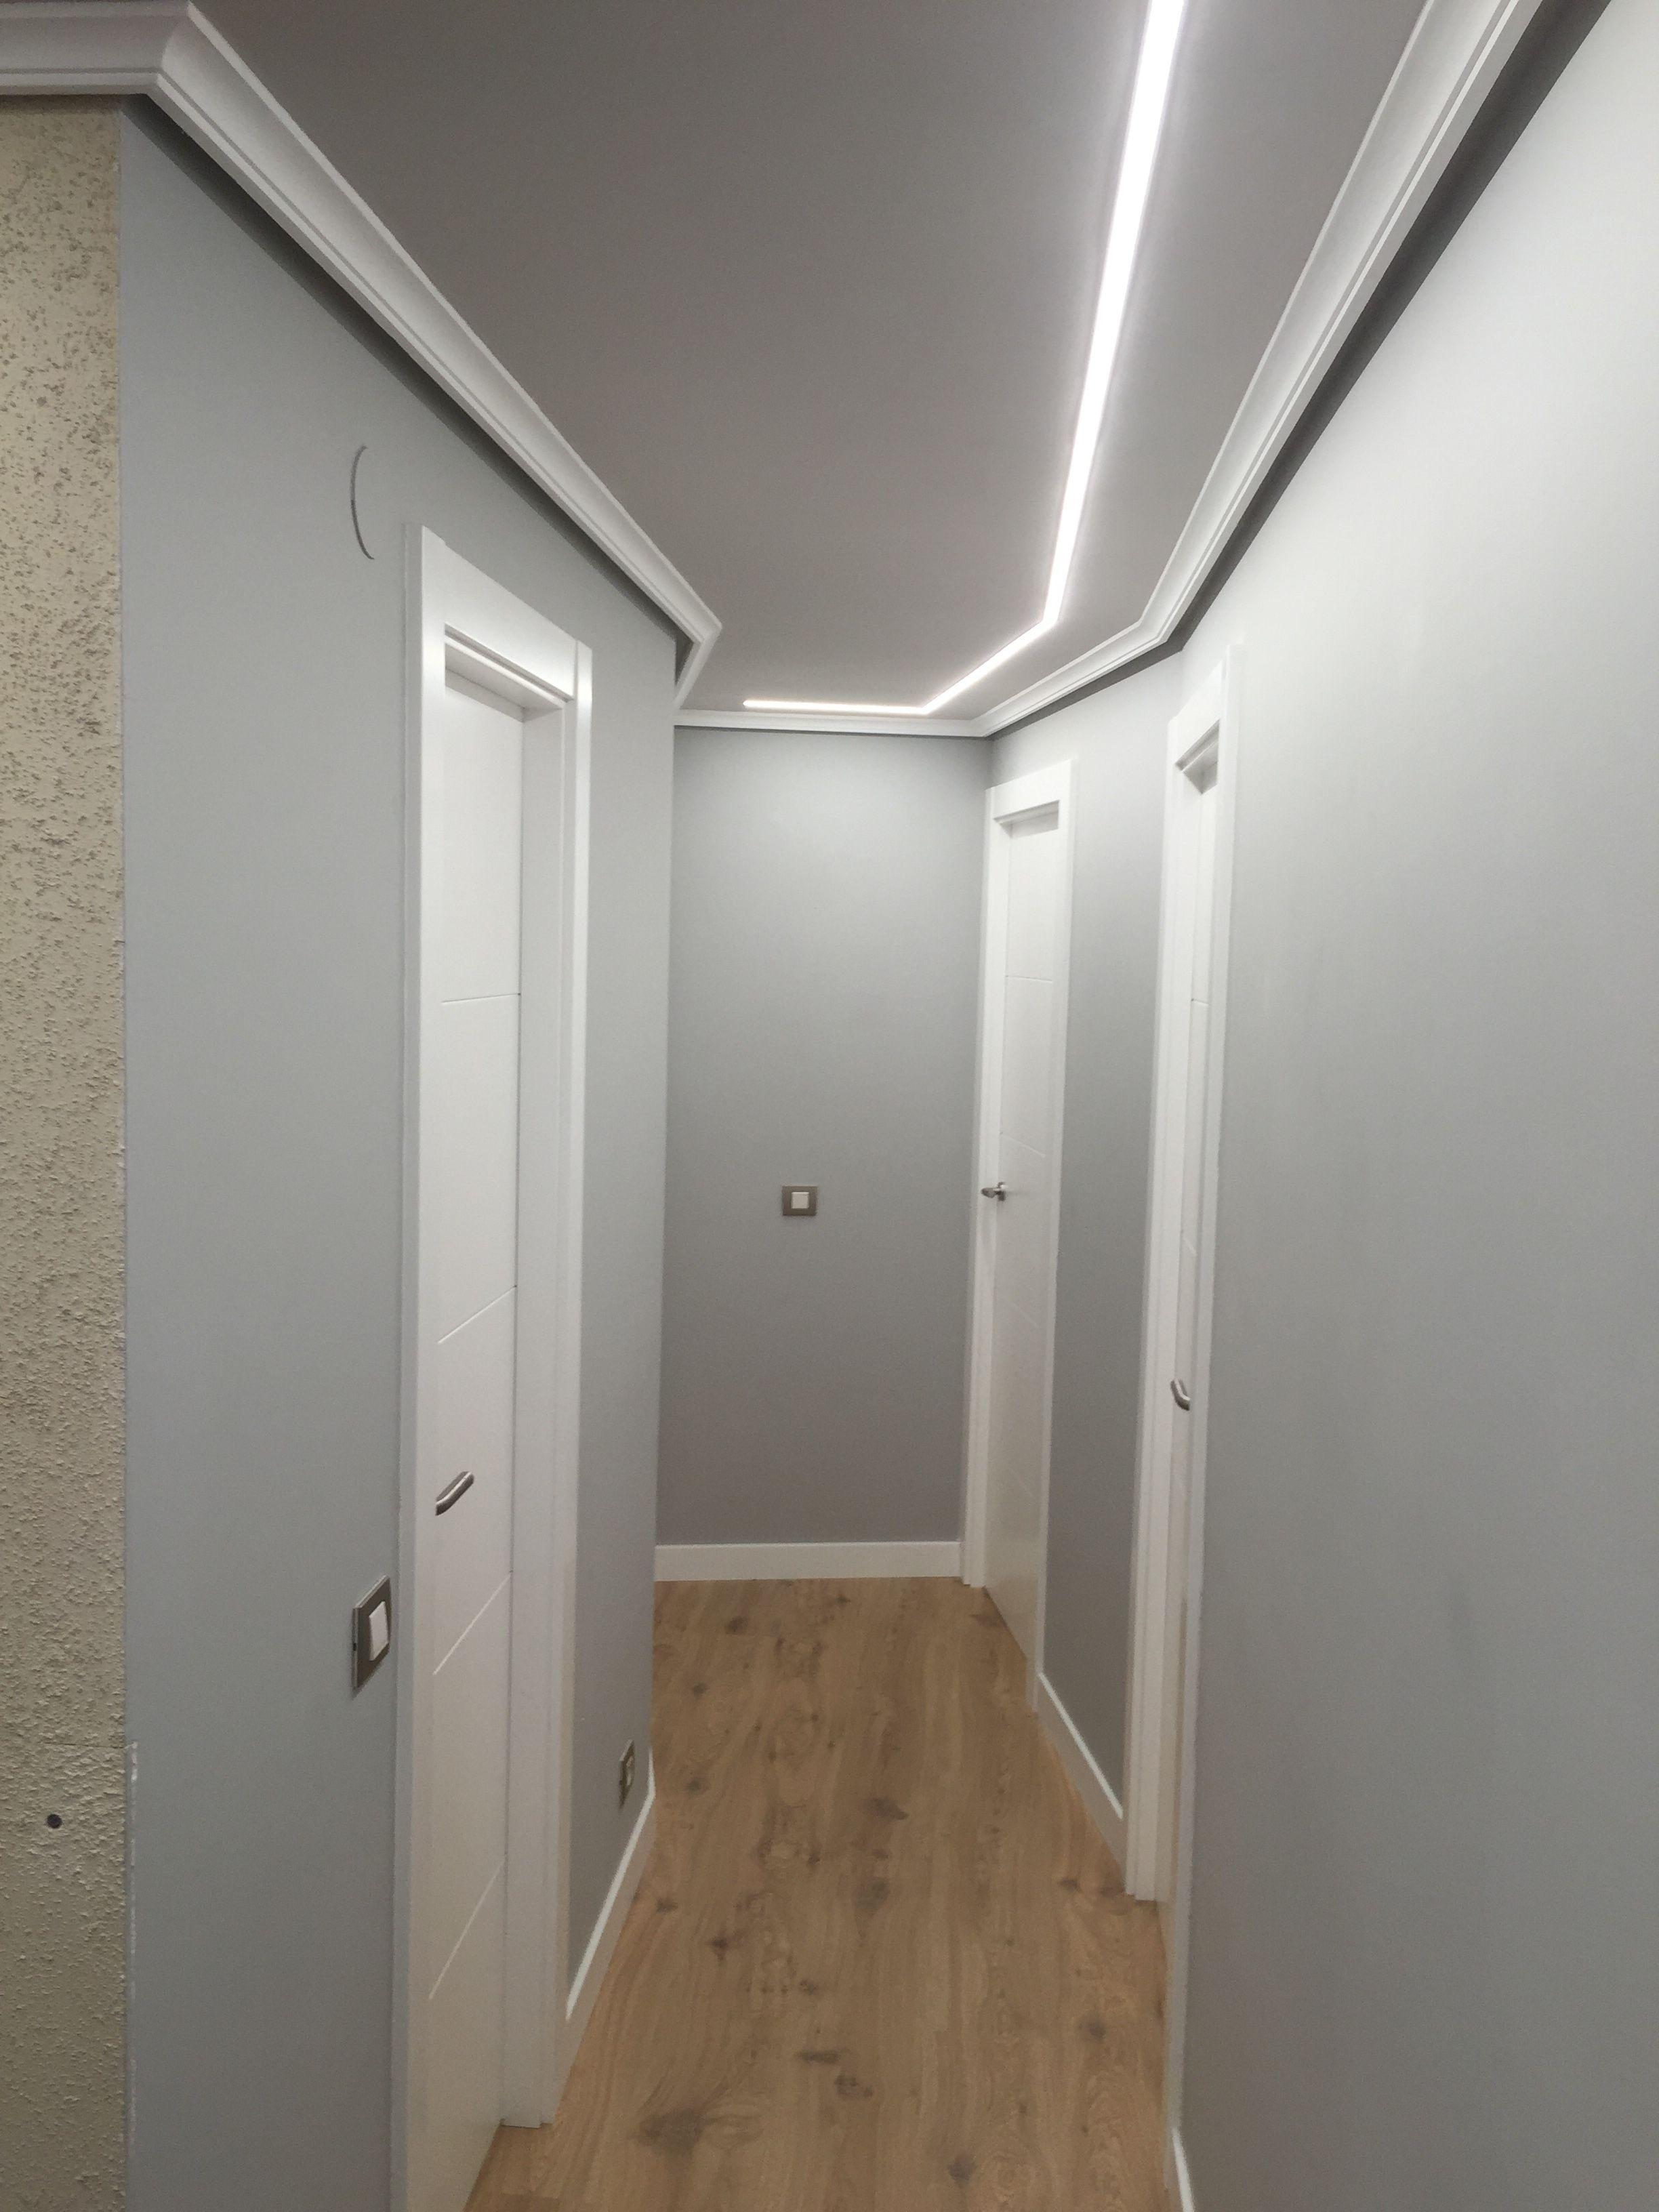 Pasillo iluminado con tiras de leds empotradas en el techo - Focos pasillo ...